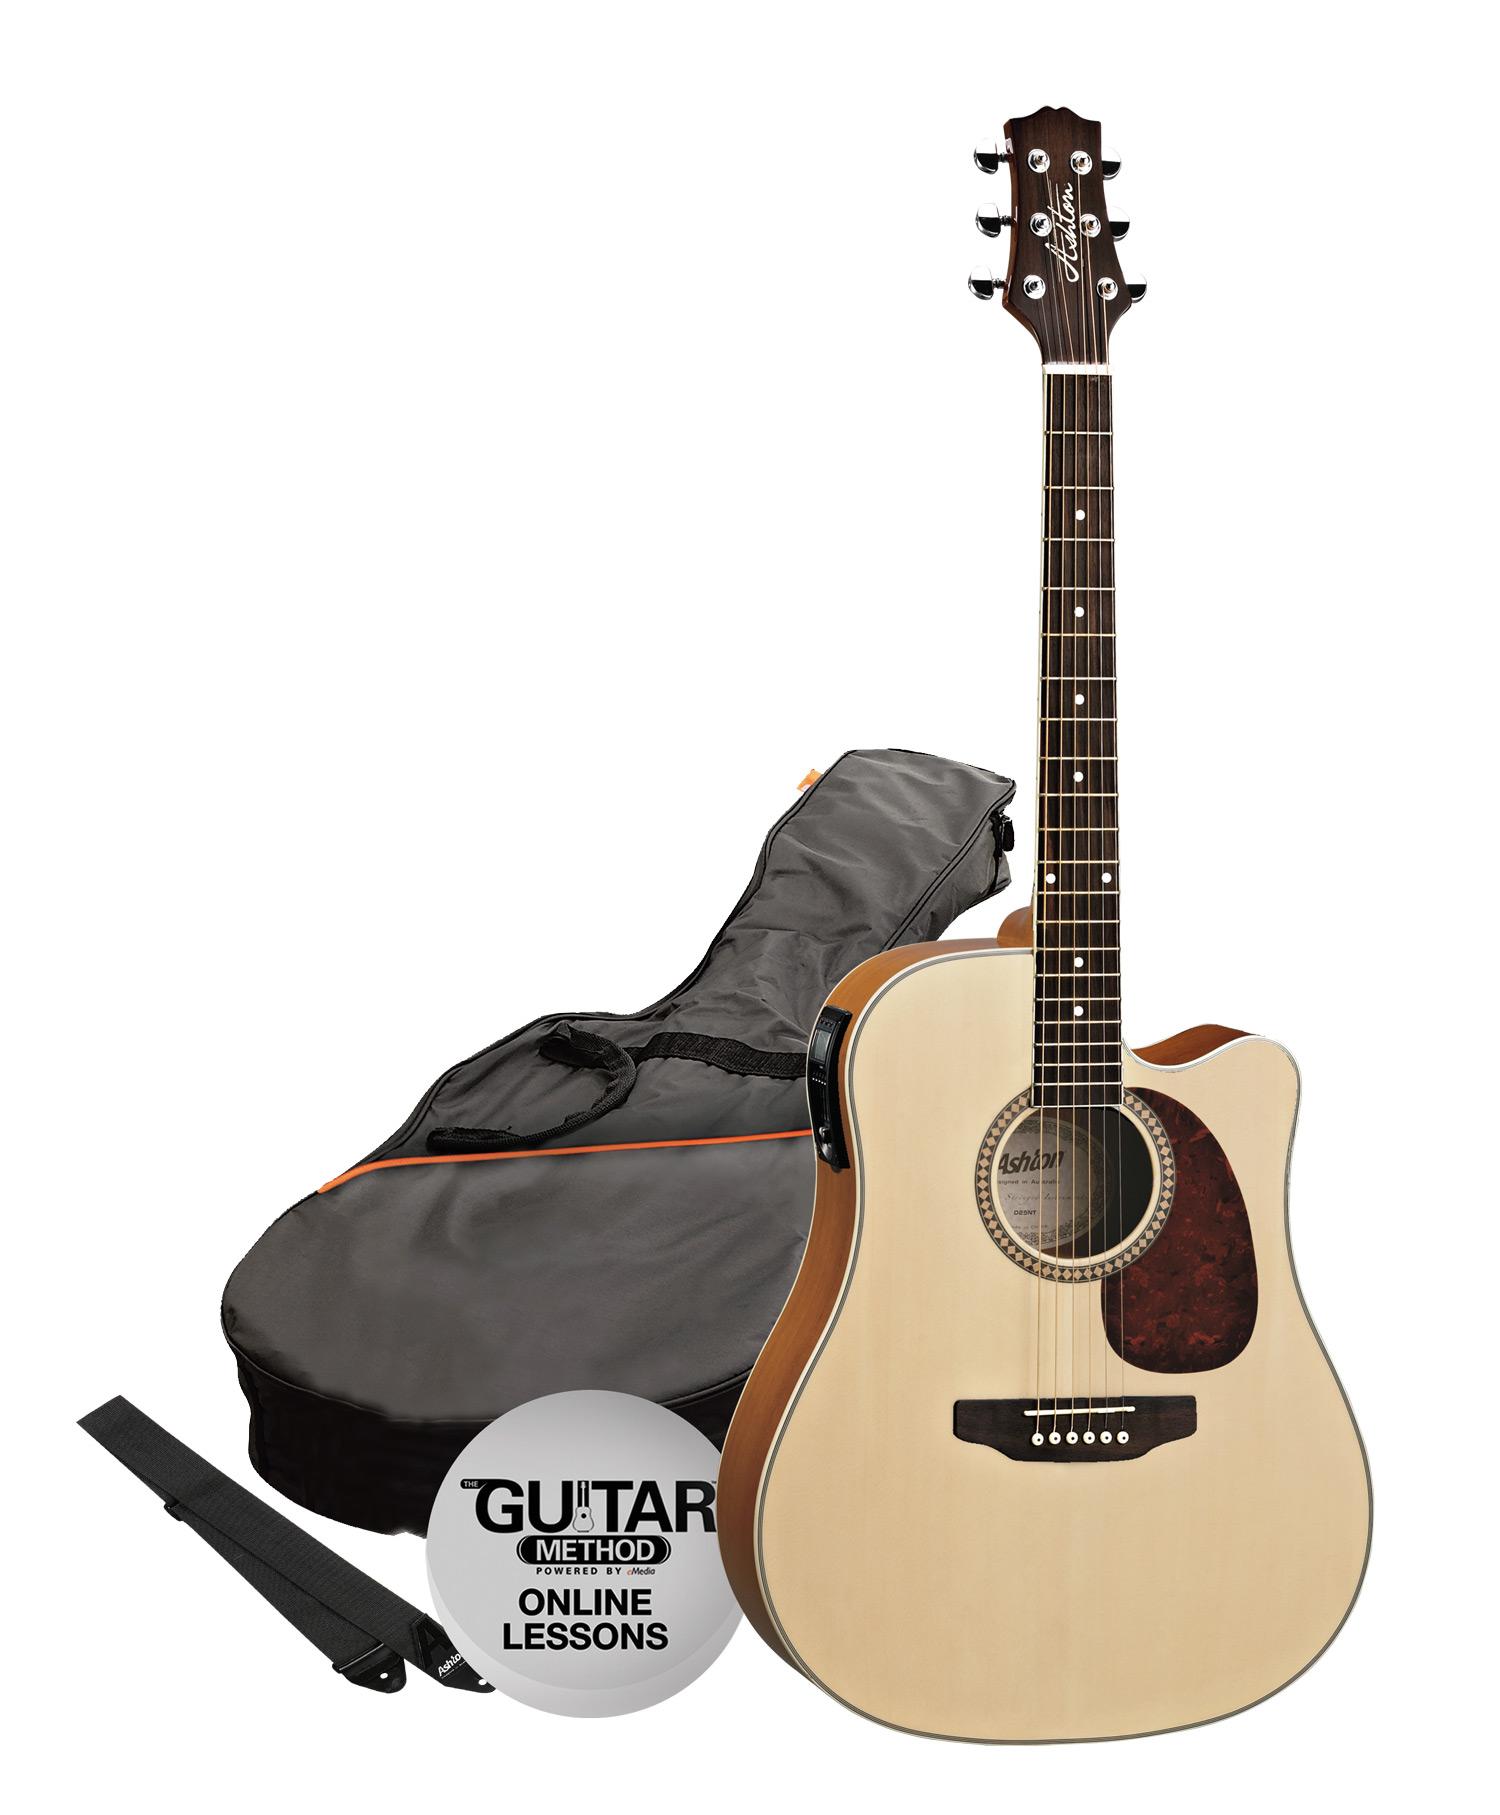 SPD25CEQNTM - Pack Guitarra Electroacustica Dreadnought Natural Mate - Ashton